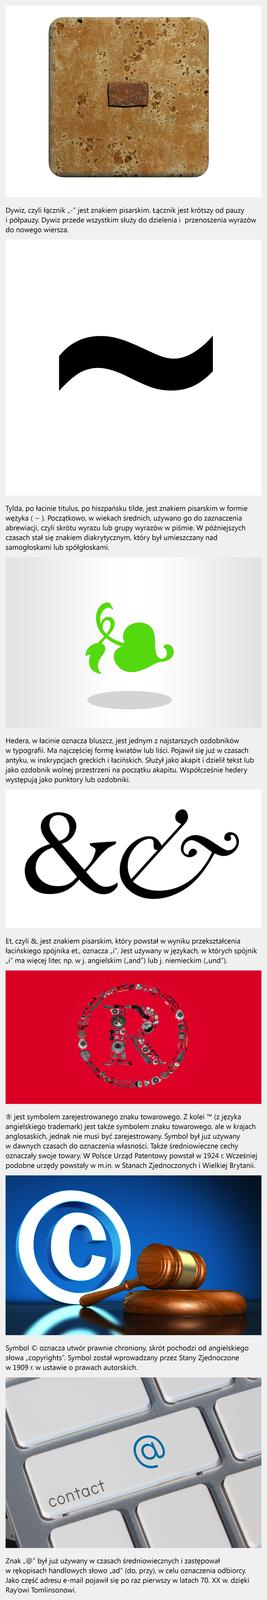 """Film animowany """"Znaki typograficzne ipisarskie"""". Film przedstawia znaki pisarskie itypograficzne takie jak: dywiz, tylda, hedera, et, trademark, symbol zarejestrowanego znaku towarowego, symbol utworu prawnie chronionego, symbol @ (małpa). Dywiz, czyli łącznik """"-"""" jest znakiem pisarskim. Łącznik jest krótszy od pauzy ipółpauzy. Dywiz przede wszystkim służy do dzielenia iprzenoszenia wyrazów do nowego wiersza. Tylda, po łacinie titulus, po hiszpańsku tilde, jest znakiem pisarskim wformie wężyka ( ~ ). Początkowo, wwiekach średnich, używano go do zaznaczenia abrewiacji, czyli skrótu wyrazu lub grupy wyrazów wpiśmie. Wpóźniejszych czasach stał się znakiem diakrytycznym, który był umieszczany nad samogłoskami lub spółgłoskami. Hedera, włacinie oznacza bluszcz, jest jednym znajstarszych ozdobników wtypografii. Ma najczęściej formę kwiatów lub liści. Pojawił się już wczasach antyku, winskrypcjach greckich iłacińskich. Służył jako akapit idzielił tekst lub jako ozdobnik wolnej przestrzeni na początku akapitu. Współcześnie hedery występują jako punktory lub ozdobniki. Et, czyli &, jest znakiem pisarskim, który powstał wwyniku przekształcenia łacińskiego spójnika et., oznacza """"i"""". Jest używany wjęzykach, wktórych spójnik """"i"""" ma więcej liter, np. wj. angielskim (""""and"""") lub j. niemieckim (""""und""""). ® jest symbolem zarejestrowanego znaku towarowego. Zkolei ™ (z języka angielskiego trademark) jest także symbolem znaku towarowego, ale wkrajach anglosaskich, jednak nie musi być zarejestrowany. Symbol był już używany wdawnych czasach do oznaczenia własności. Także średniowieczne cechy oznaczały swoje towary. WPolsce Urząd Patentowy powstał w1924 r. Wcześniej podobne urzędy powstały wm.in. wStanach Zjednoczonych iWielkiej Brytanii. Symbol © oznacza utwór prawnie chroniony, skrót pochodzi od angielskiego słowa """"copyrights"""". Symbol został wprowadzany przez Stany Zjednoczone w1909 r. wustawie oprawach autorskich. Znak """"@"""" był już używany wczasach średniowiecznych izastępował wrękopisach """